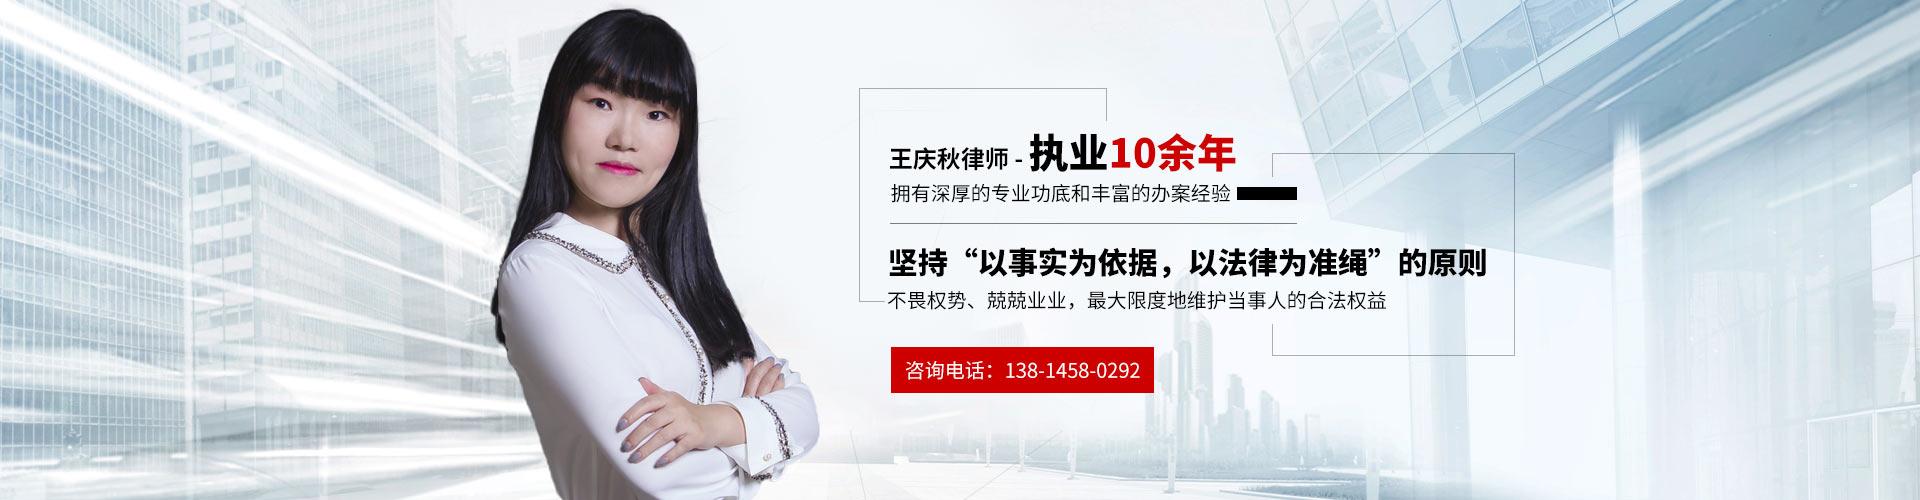 黄培哲律师